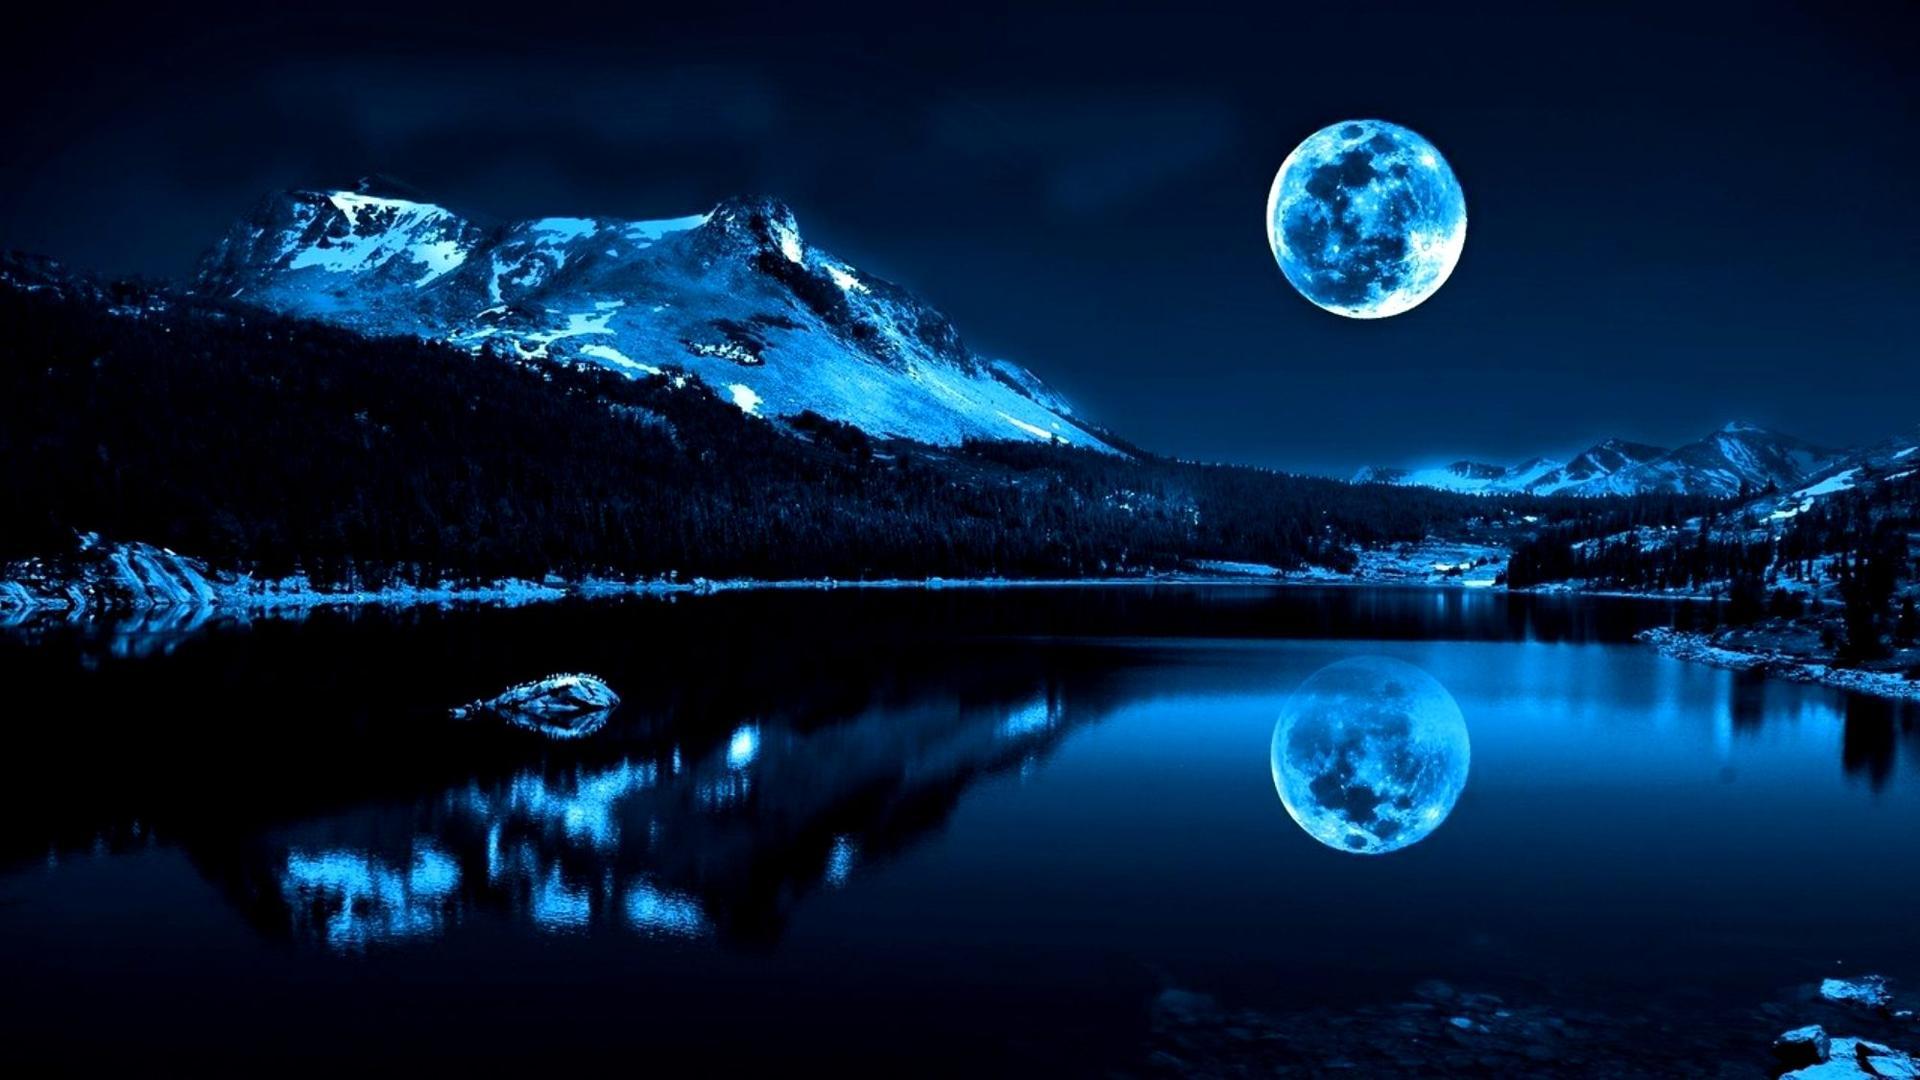 Desert Landscape Wallpaper Hd Full Moon In A Winter Night Wallpaper Download 1920x1080